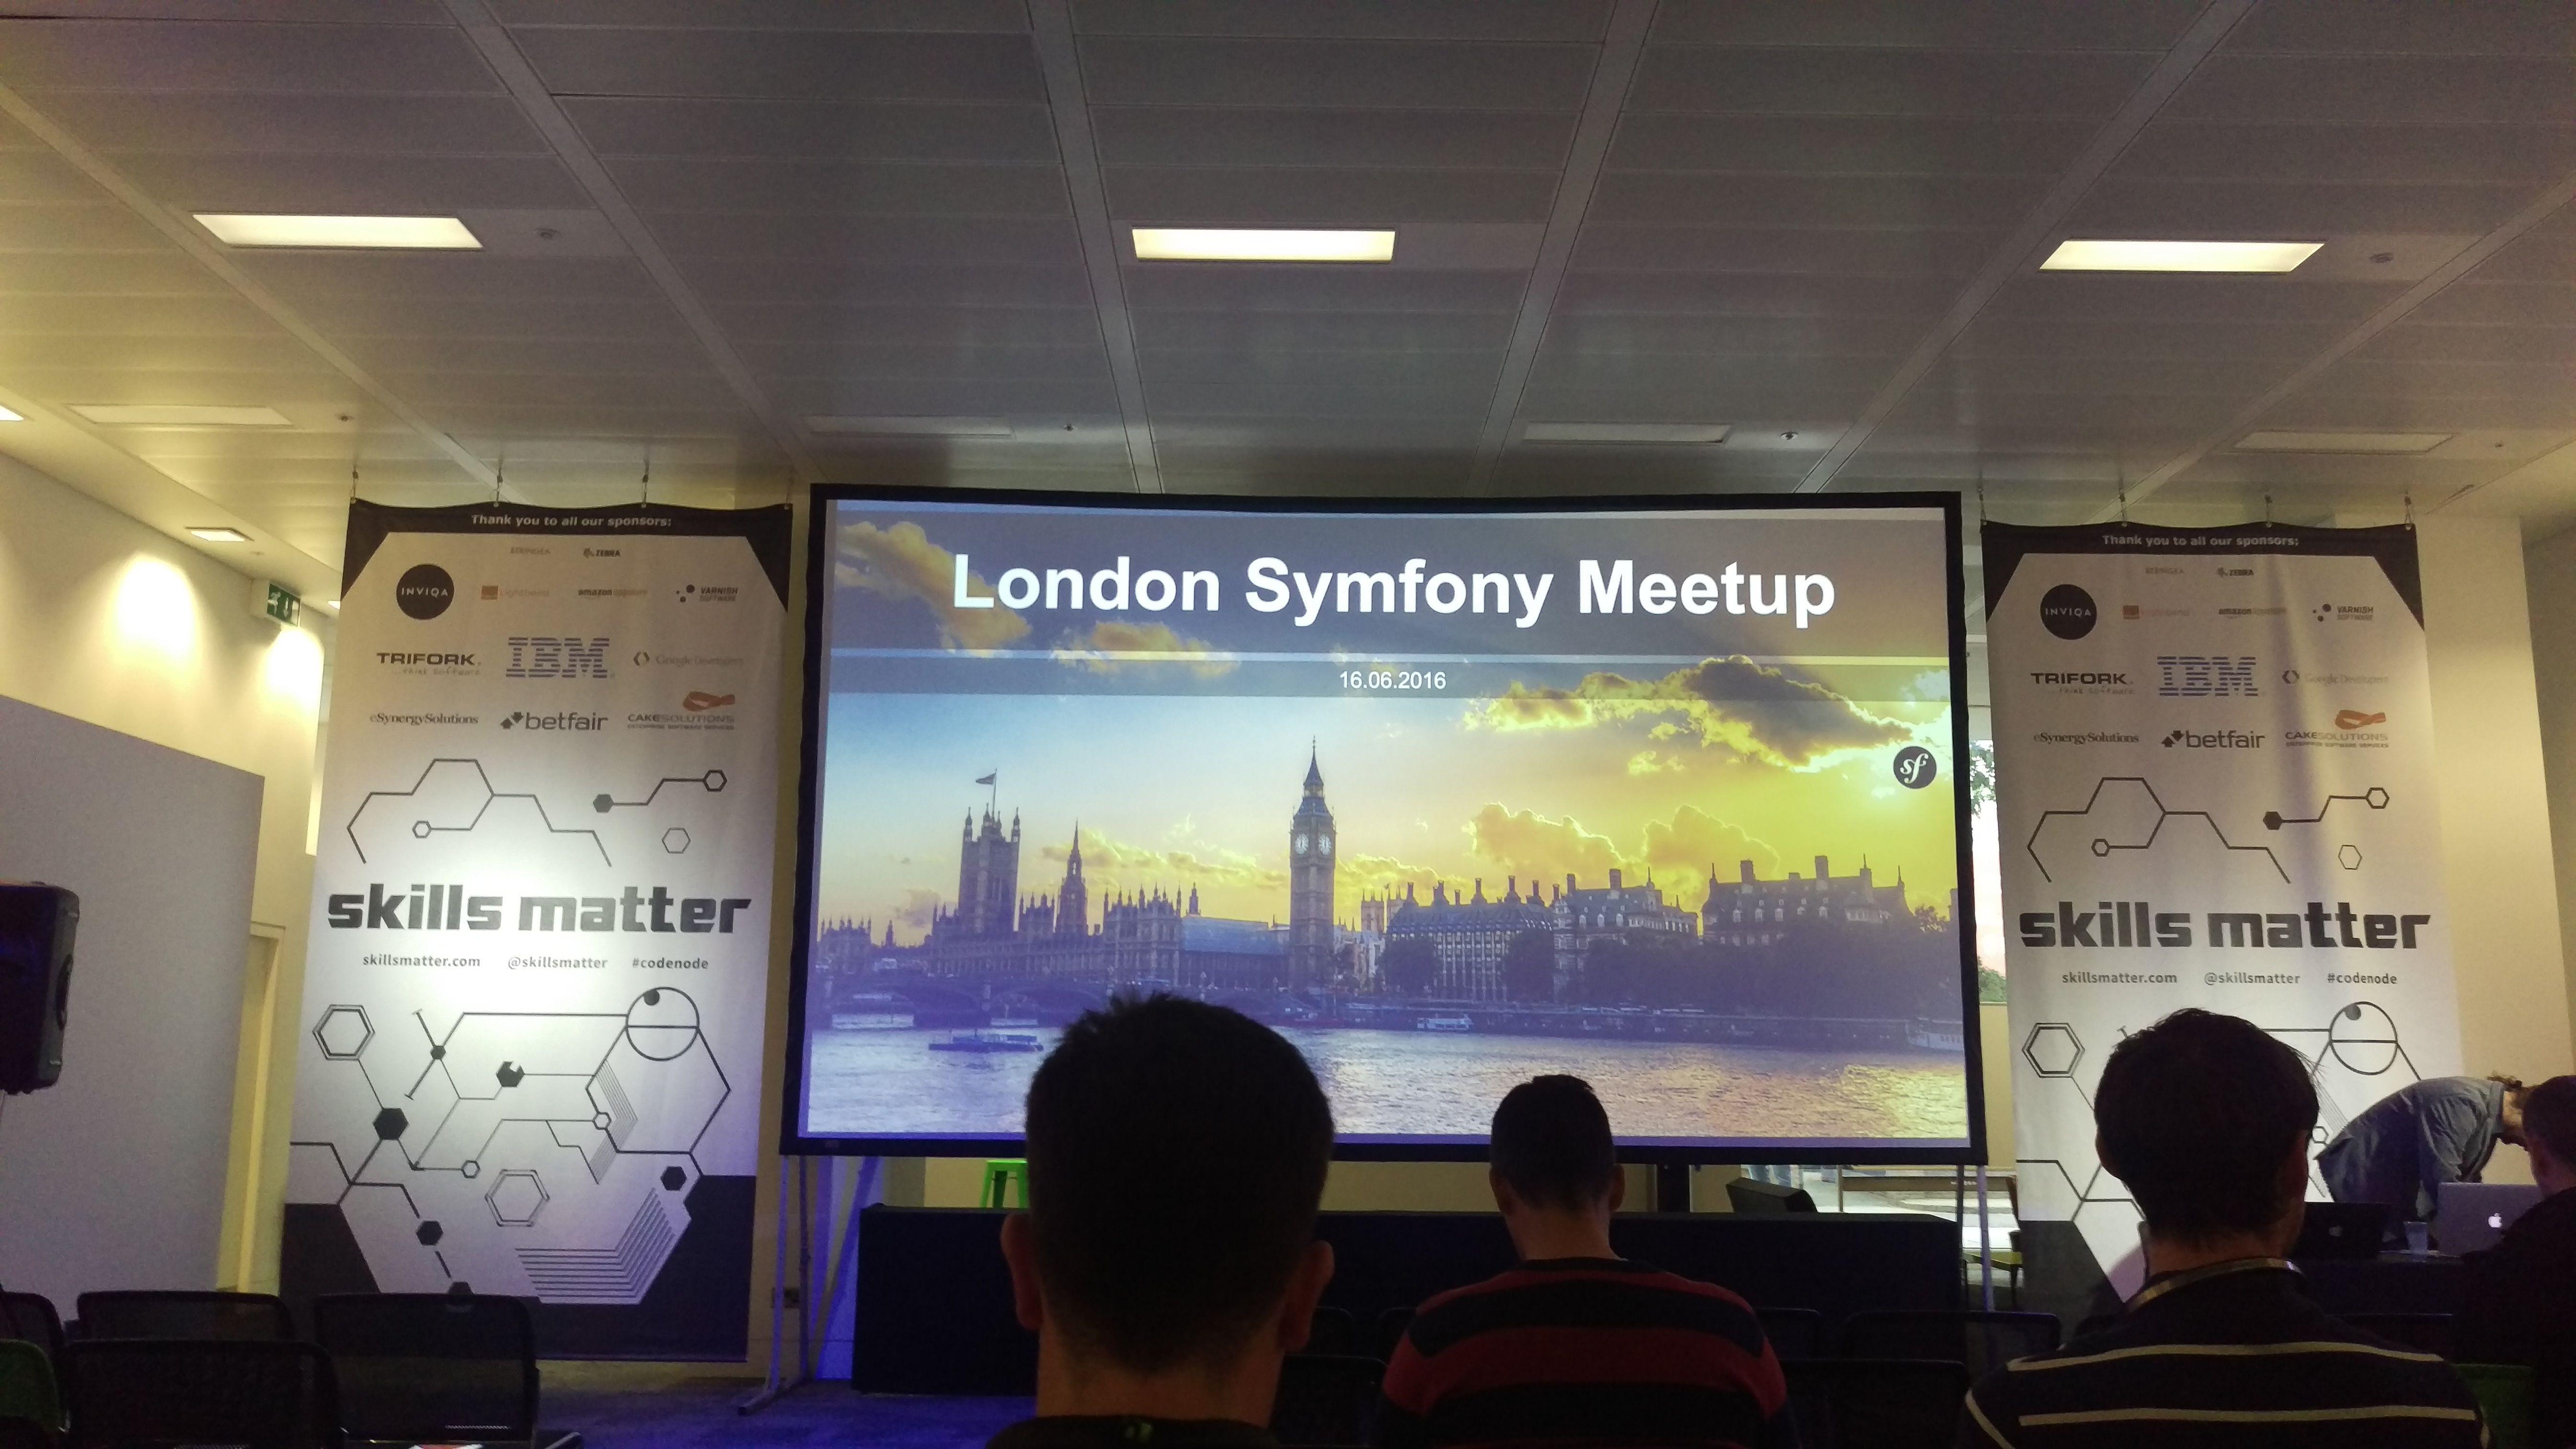 The UK Symfony Meetup